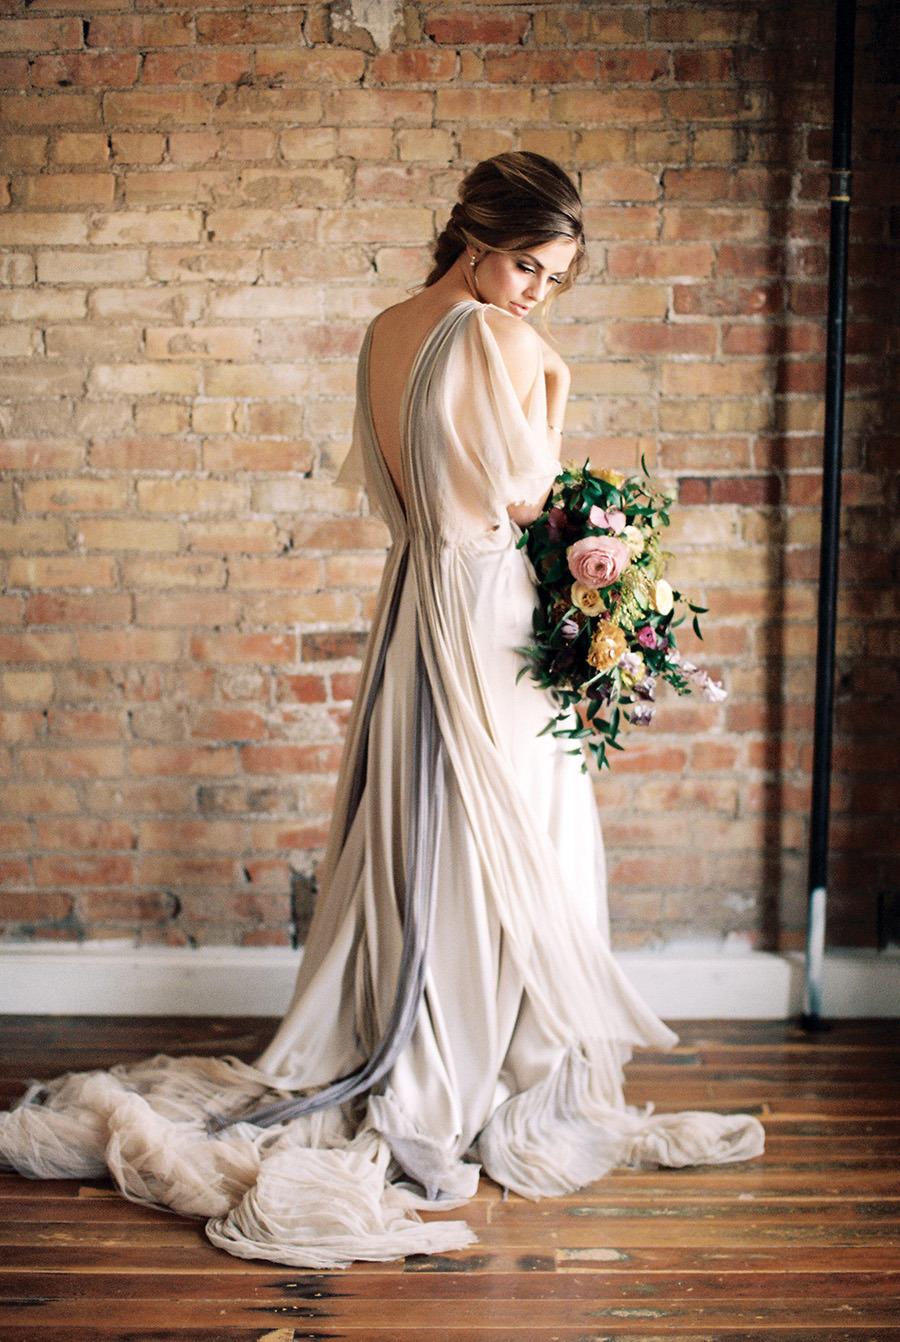 Не бойся нарушать вековые свадебные традиции